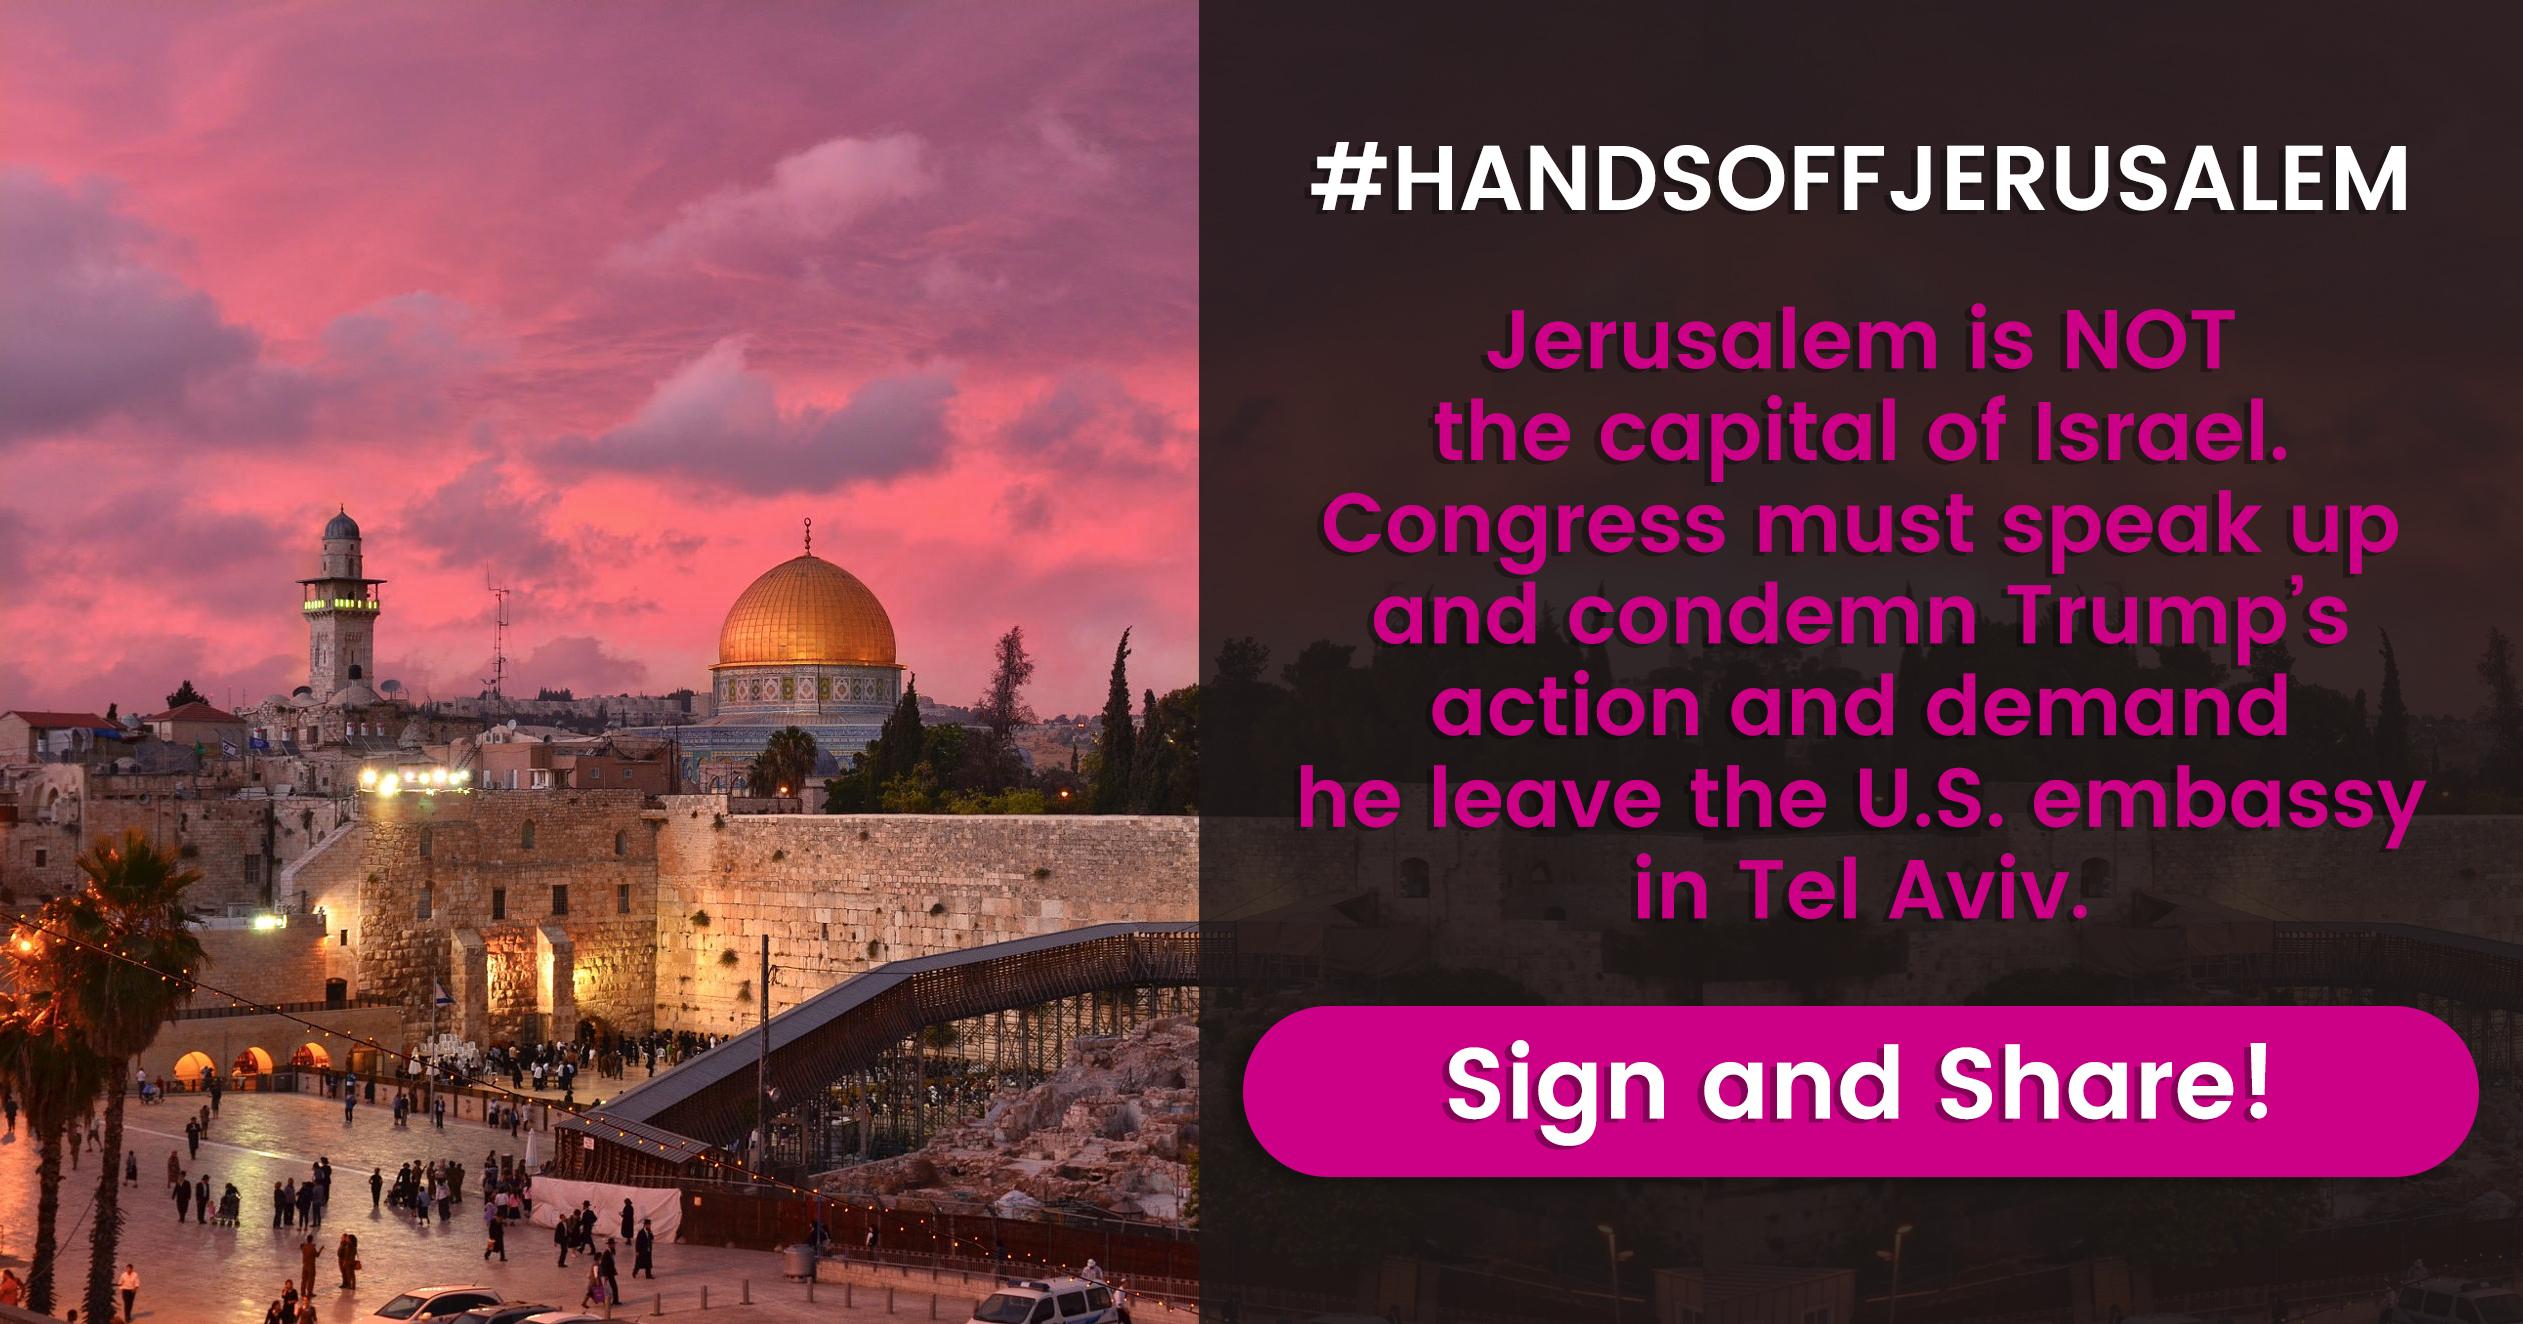 Jerusalem_hm.jpg